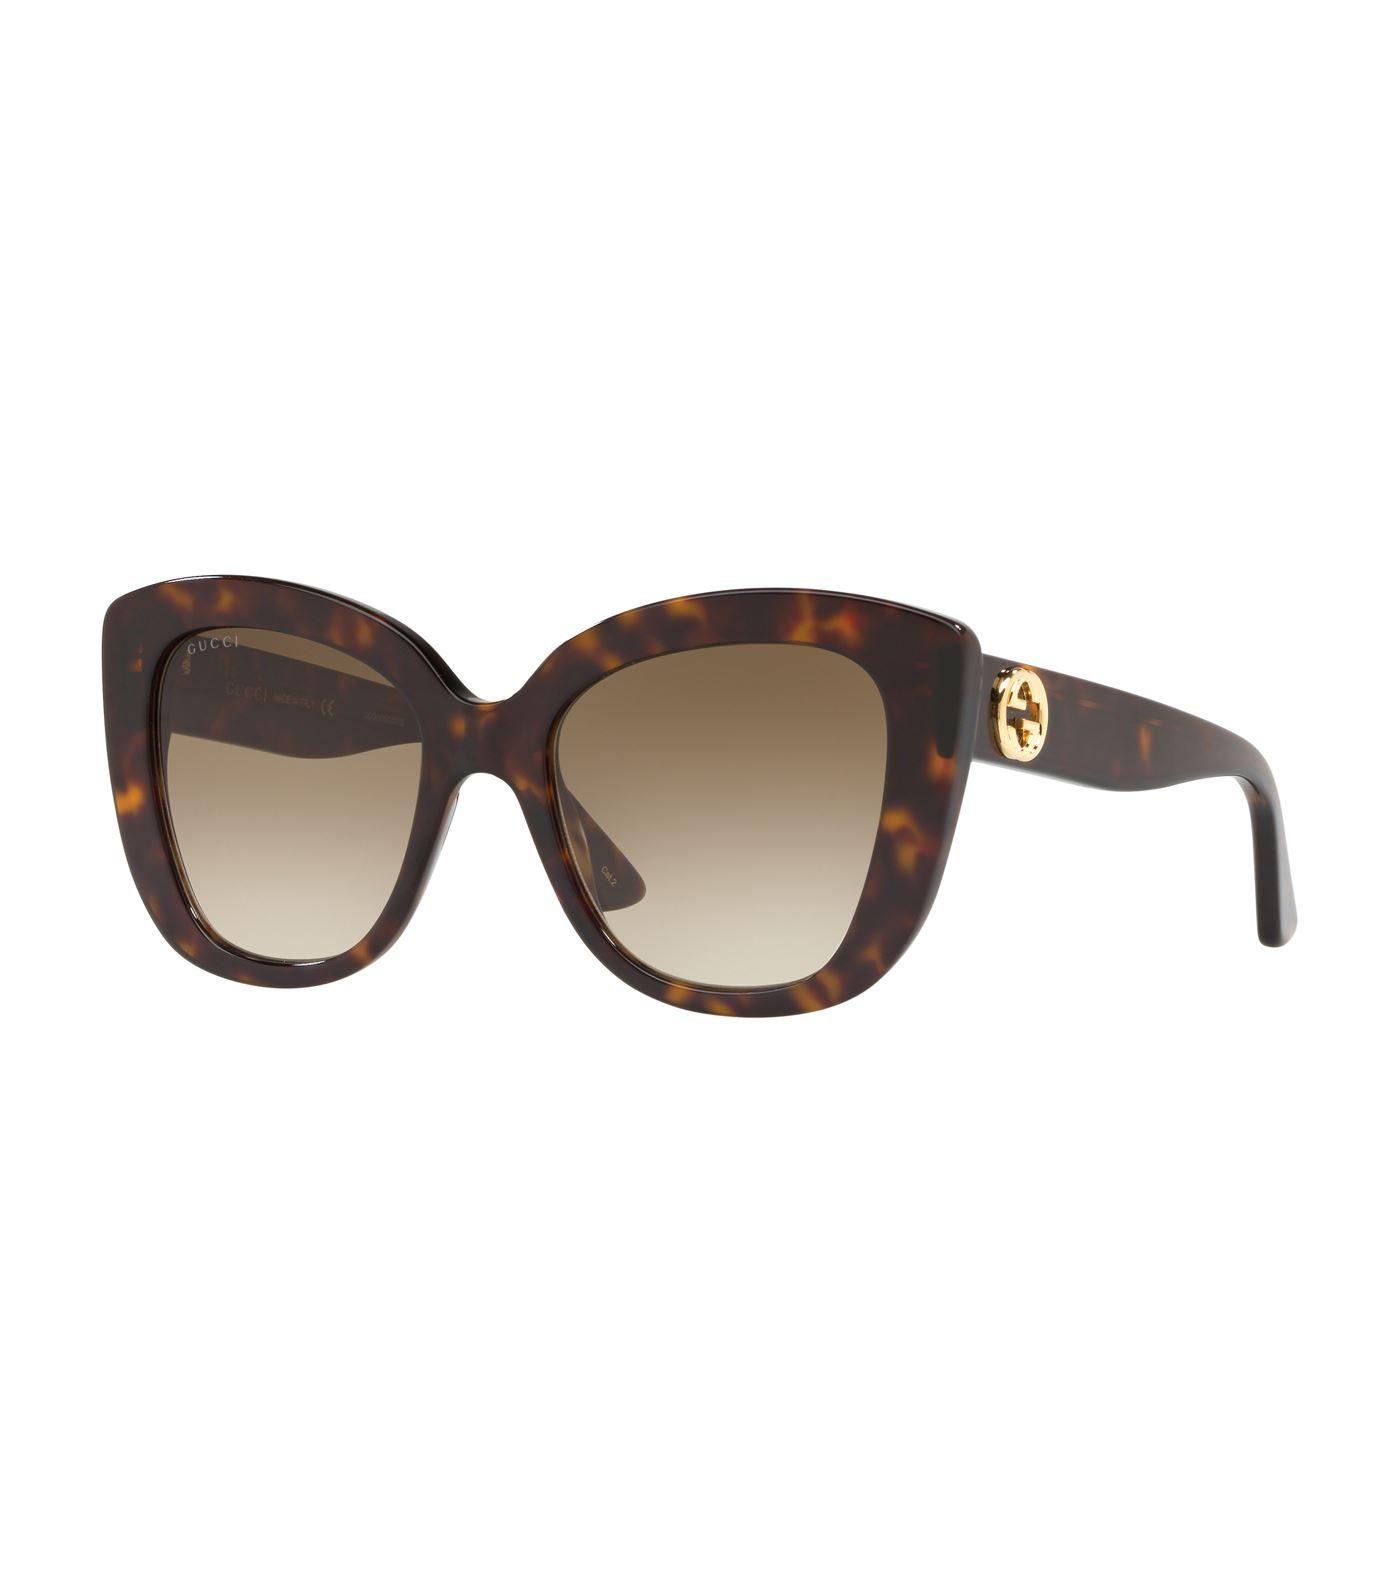 ef5363698d8 Gucci Havana Cat Eye Sunglasses  AD